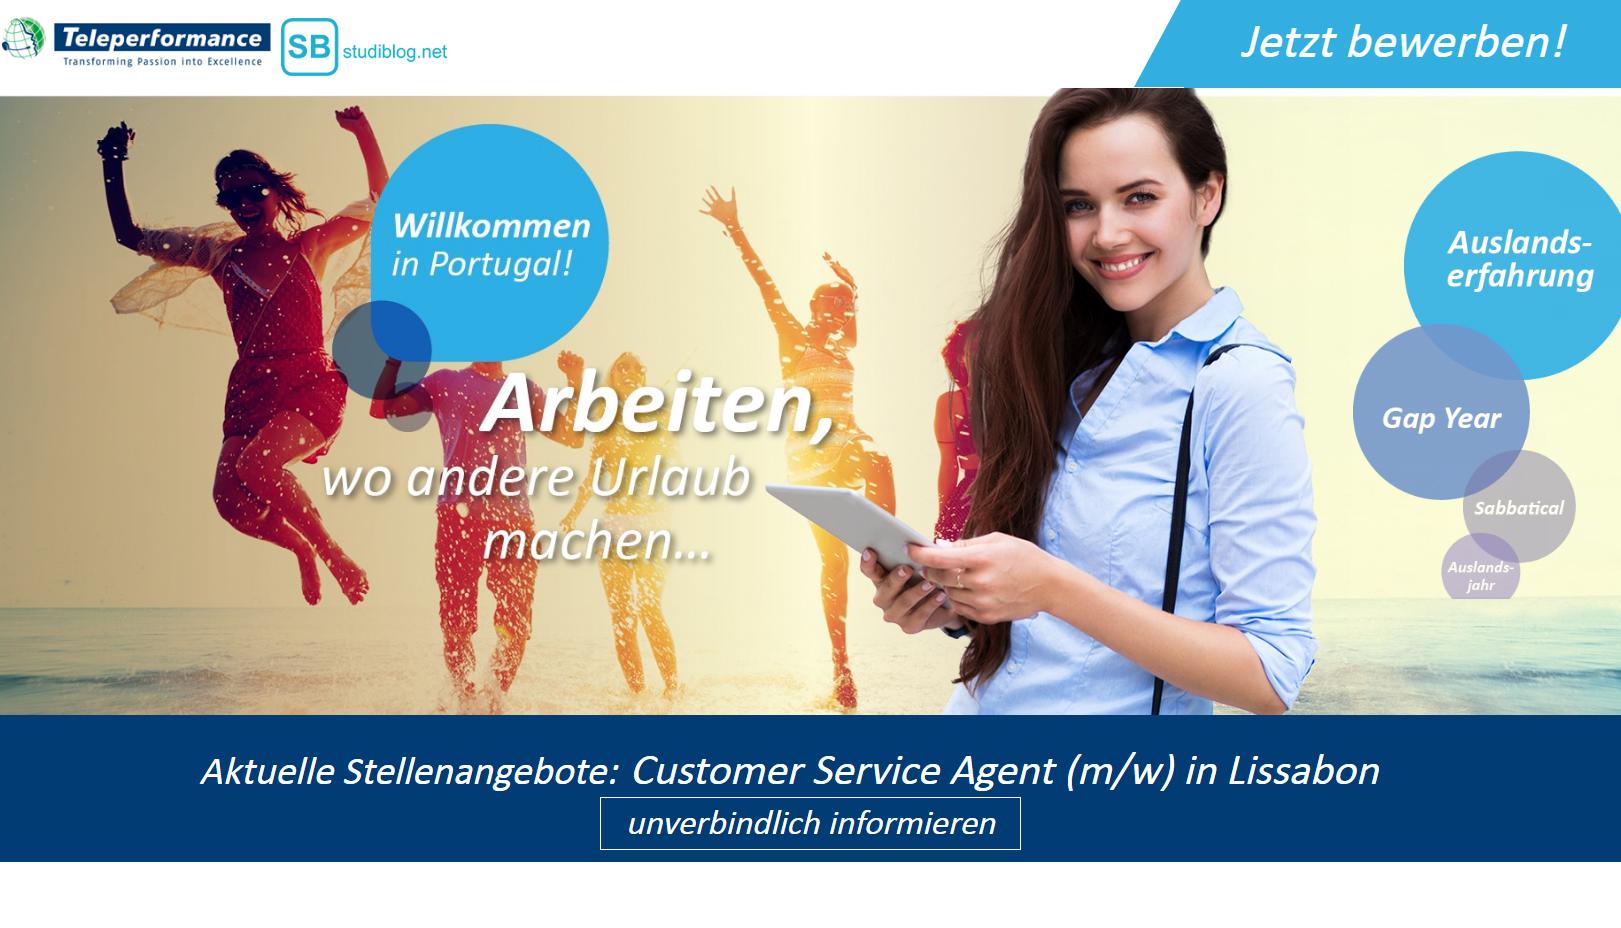 Teleperformance - Arbeiten, wo andere Urlaub machen - Jobangebot Customer Service in Portugal, Lissabon